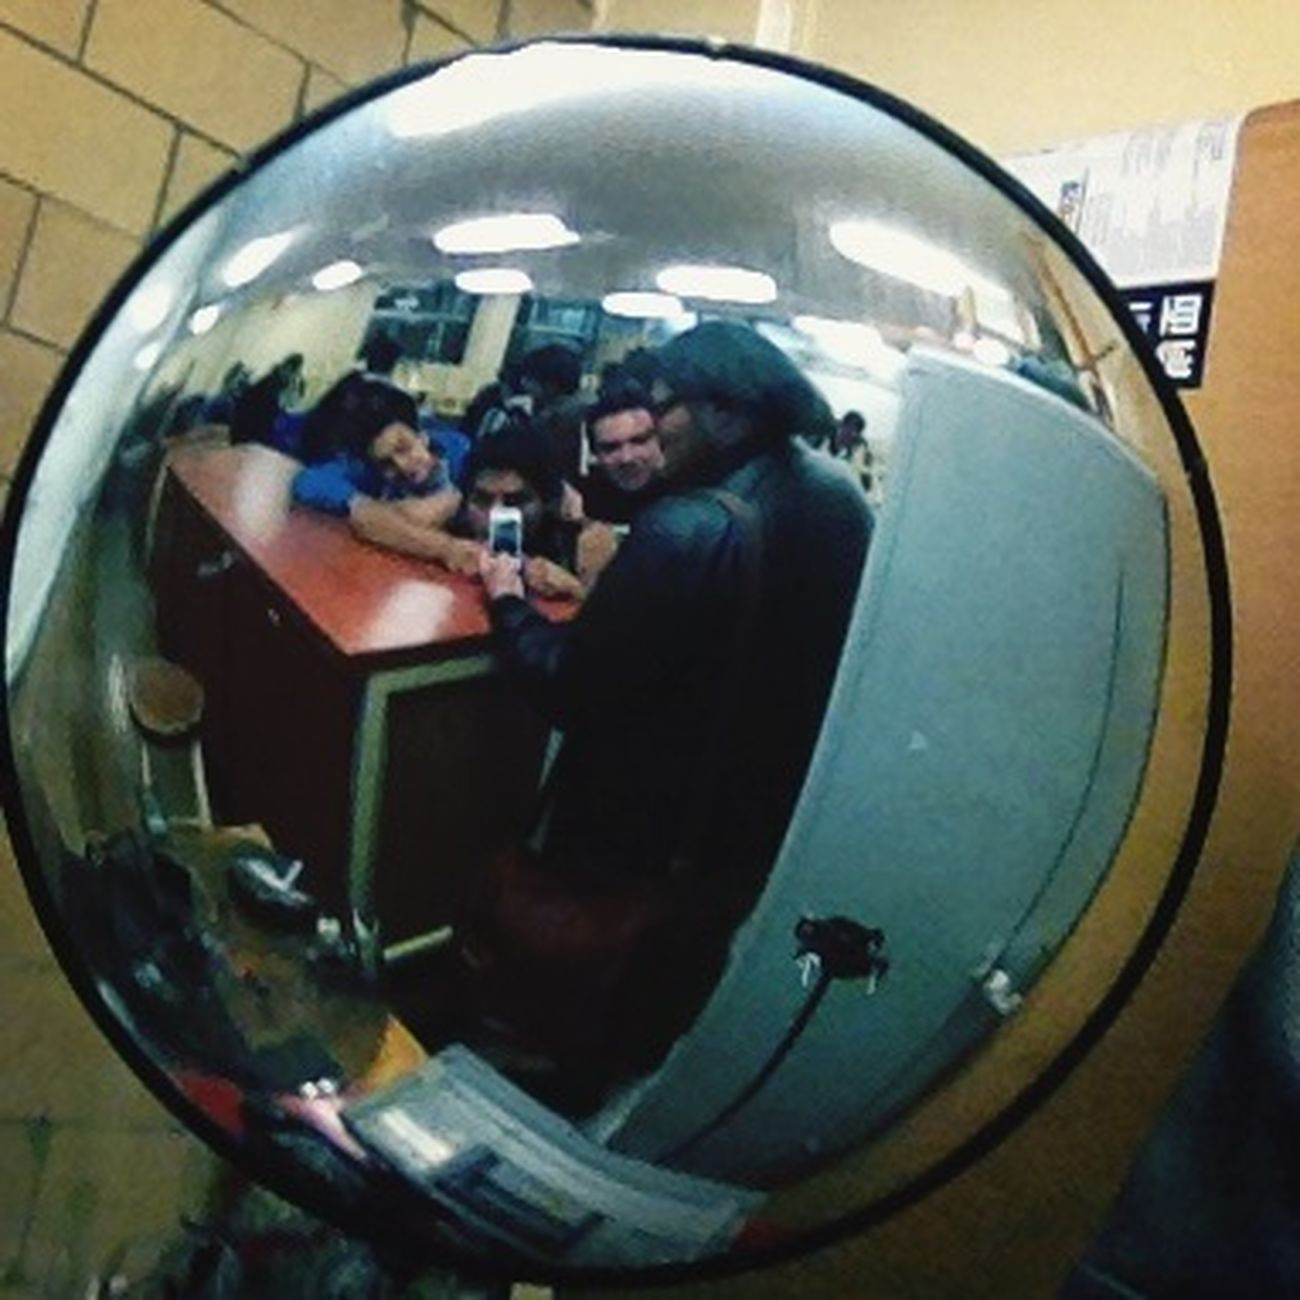 Aqui un Selfie con @SPincheDaniel @_ELSUAVE_ @Brian_Clorio porque YOLO ✌